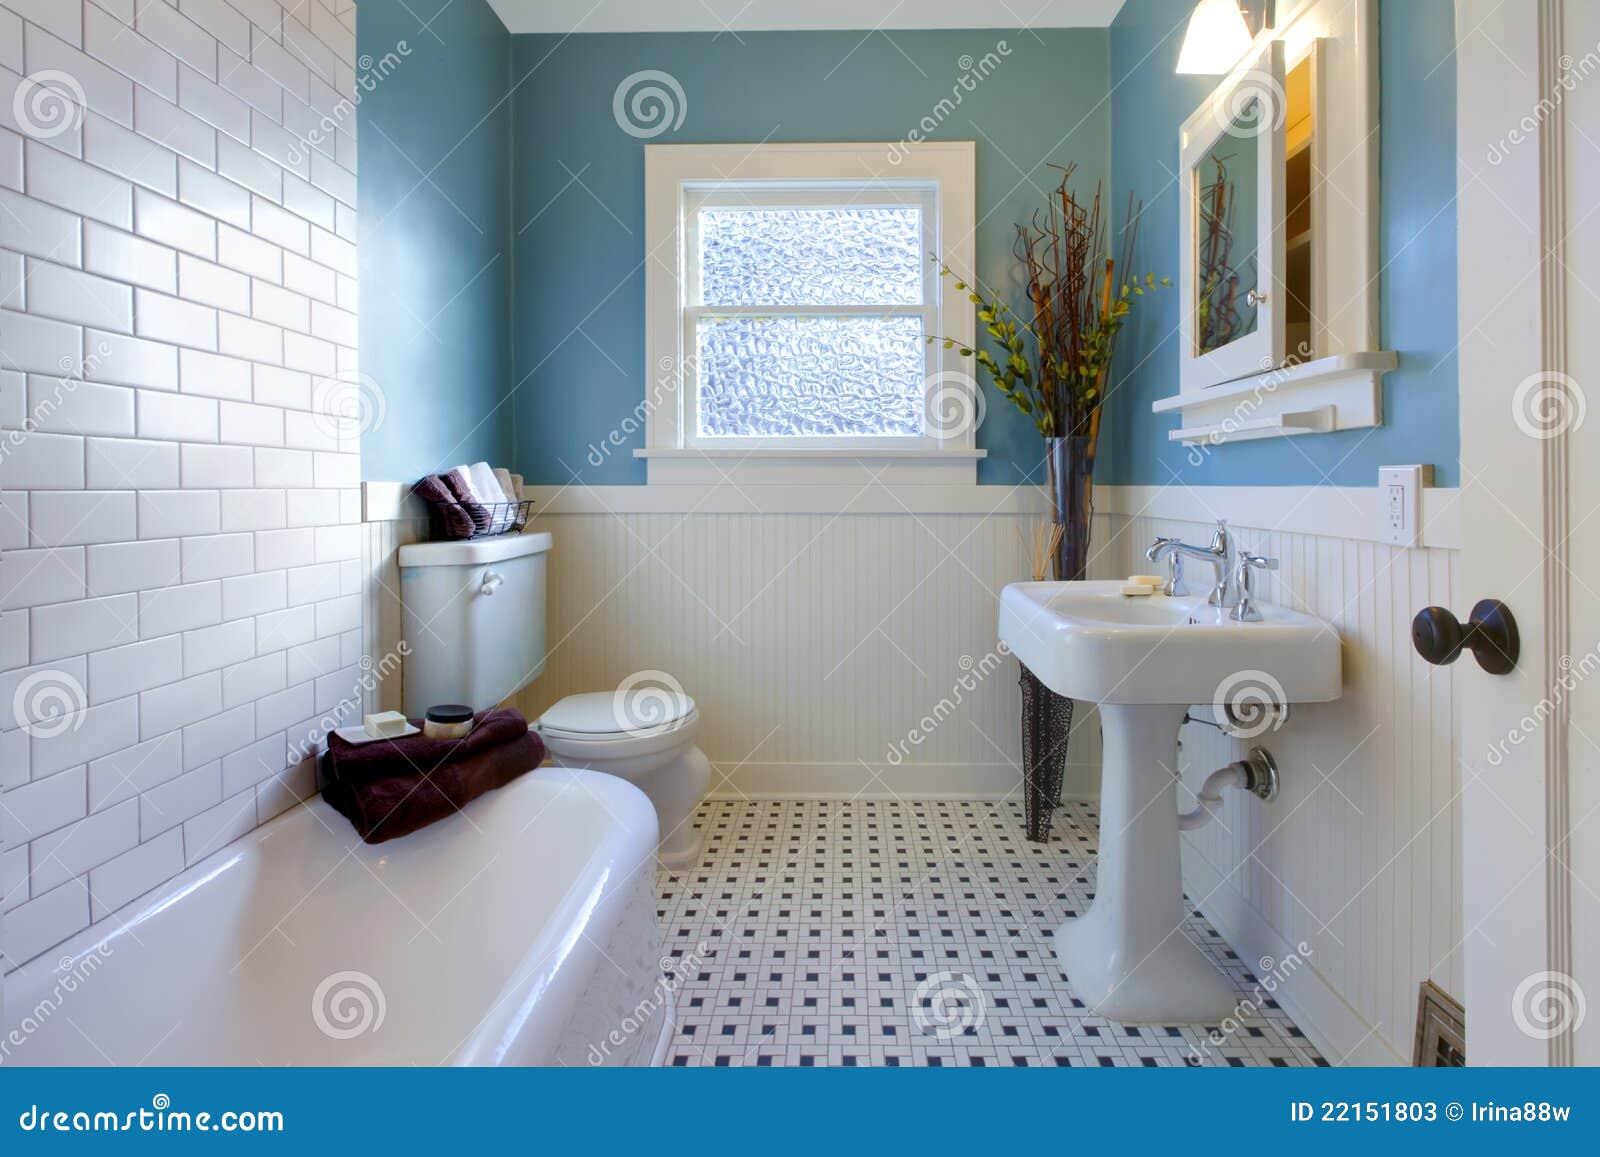 Dise o de lujo antiguo de cuarto de ba o azul fotos de for Cuartos de bano antiguos